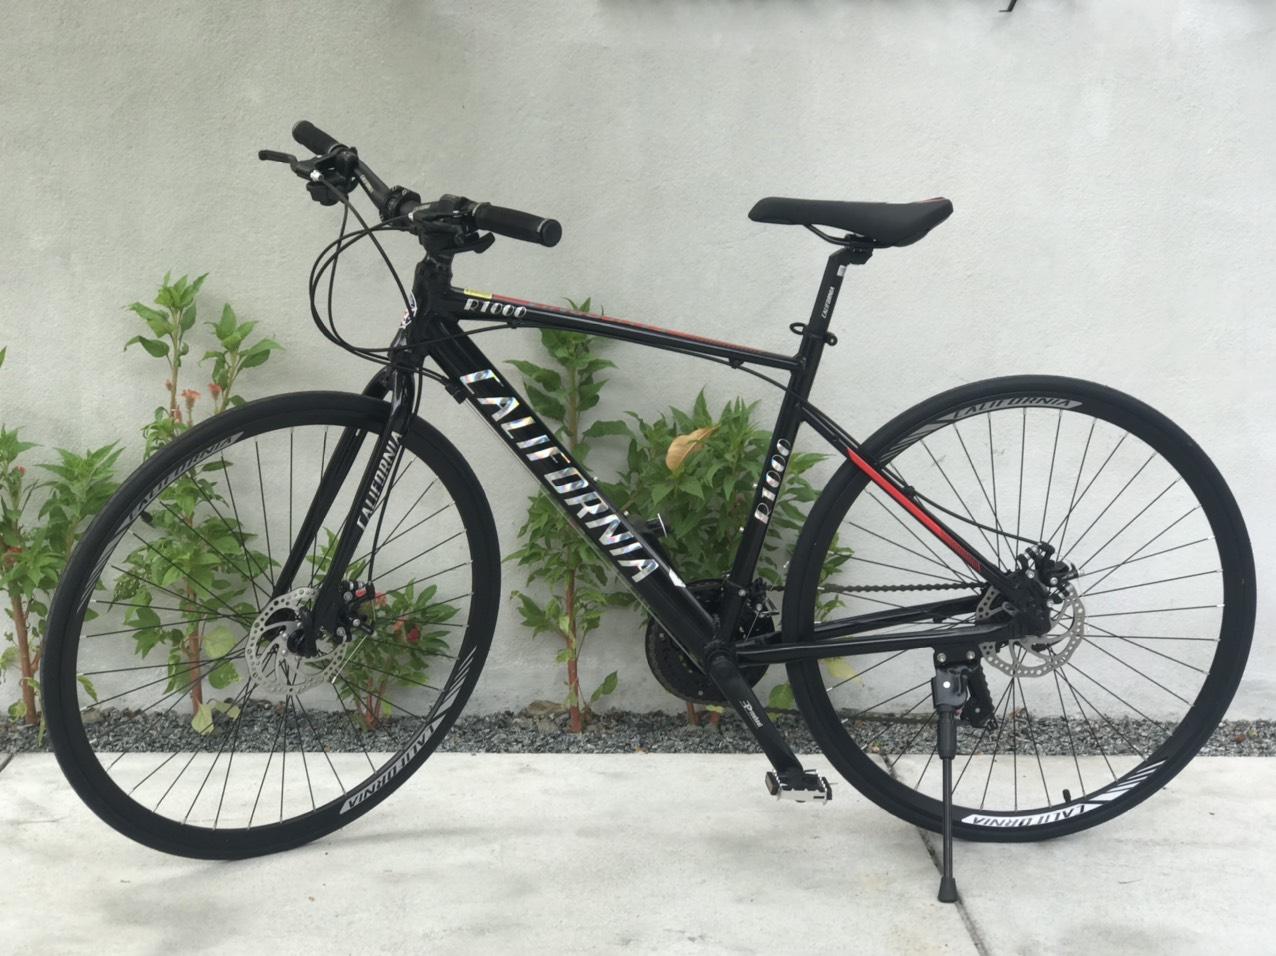 Xe đạp dòng touring california r1000